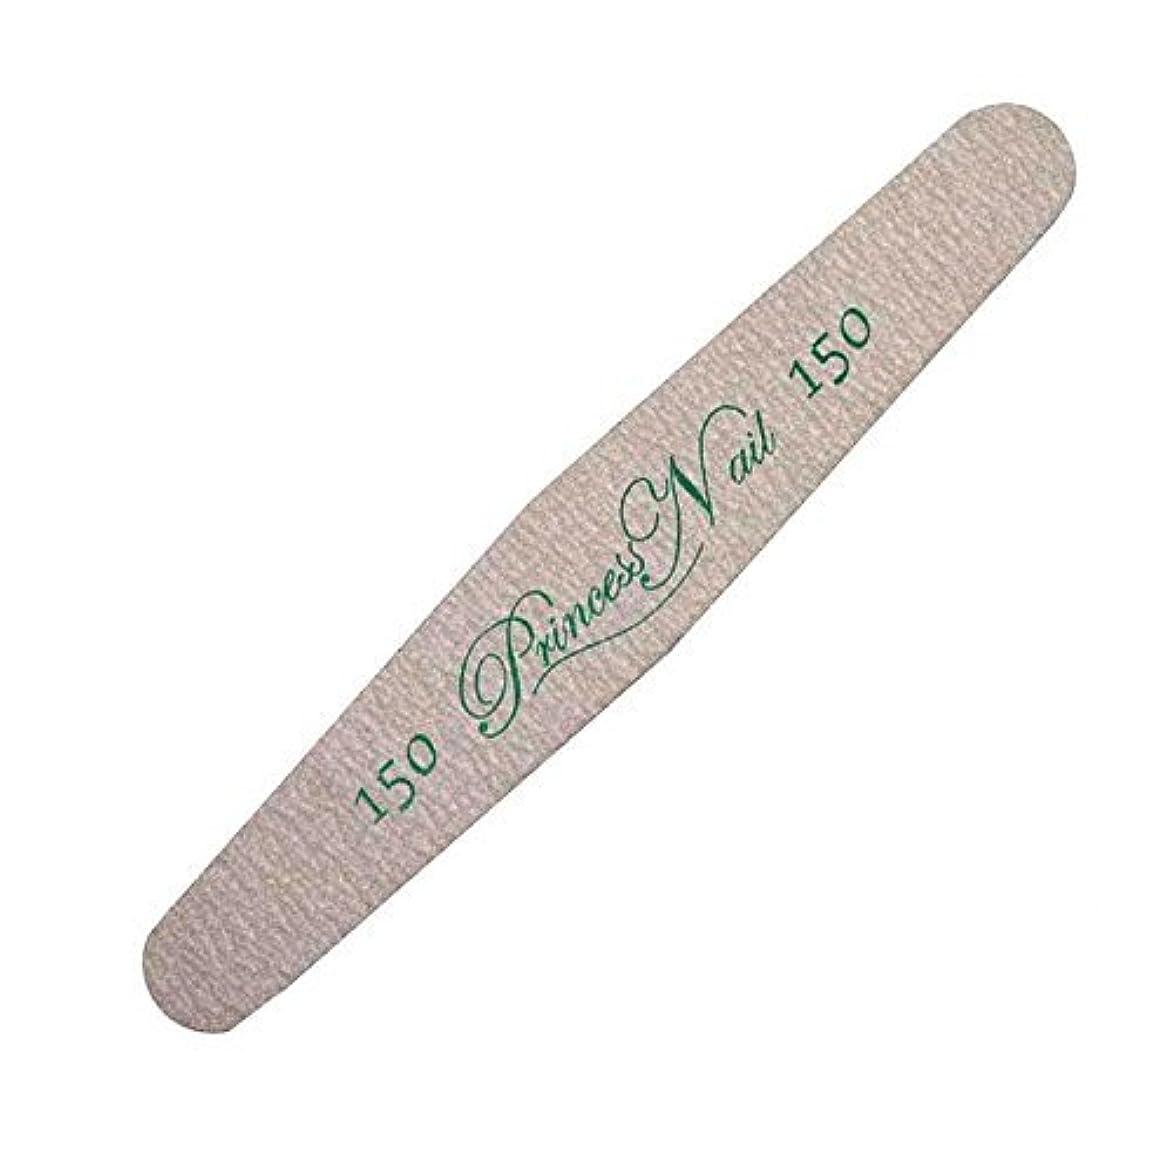 スキニースロープいまプリンセスネイル ネイルファイル 150/150 爪やすり